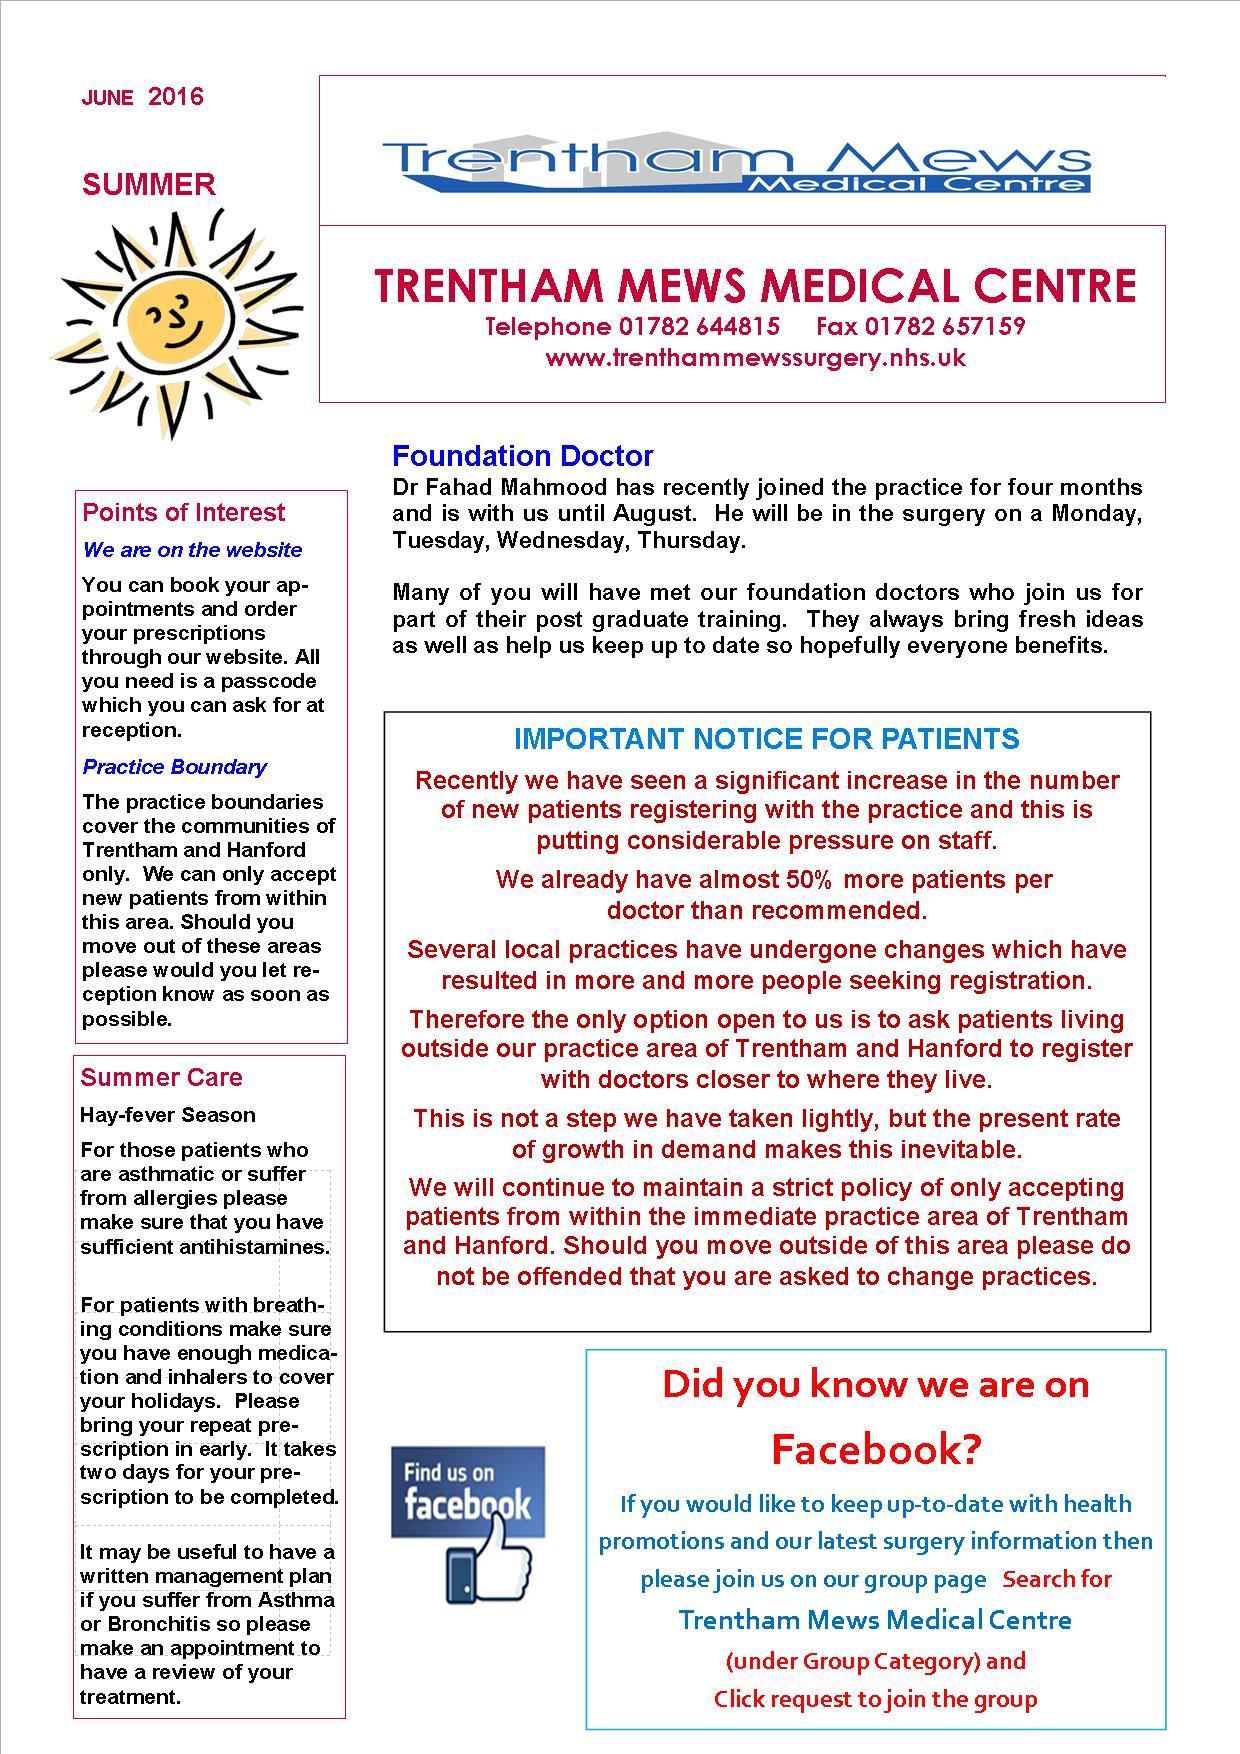 newsletter summer july 2016 trentham mews medical centre